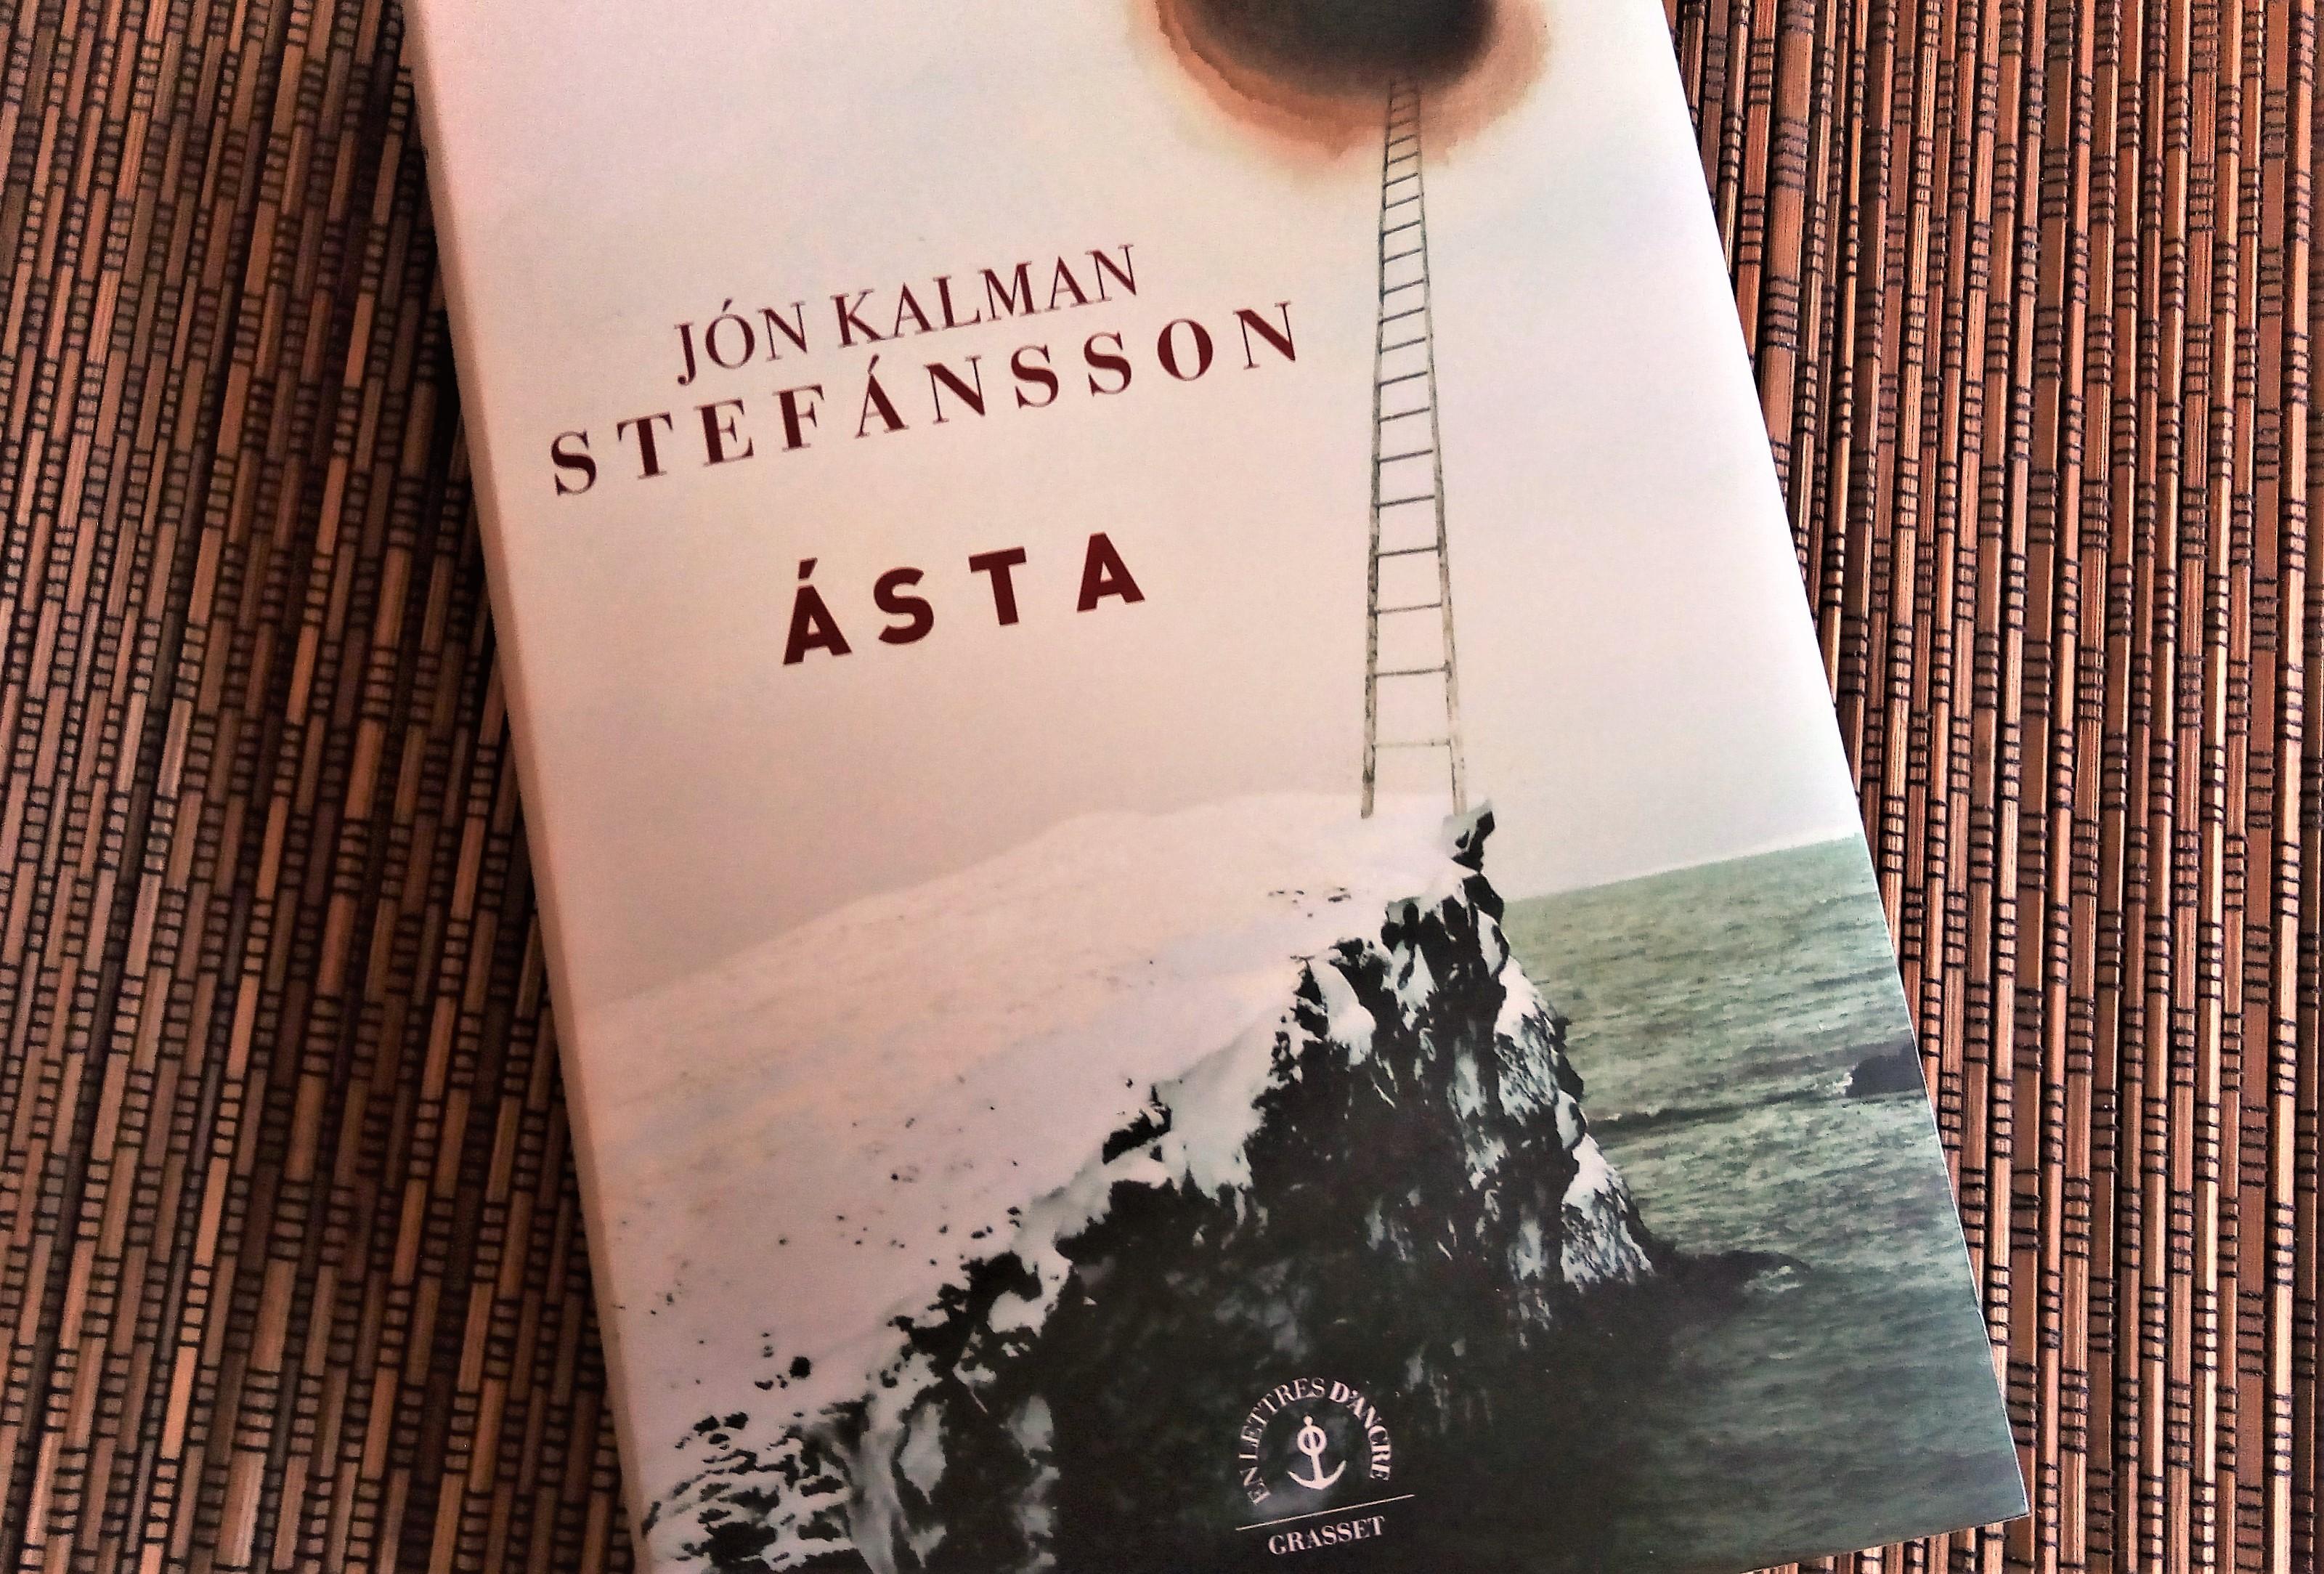 livre ASTA de Jon Kalman Stefansson chez Gallimard : depuis un bloc de roches s'élève une échelle qui grimpe jusqu'au ciel